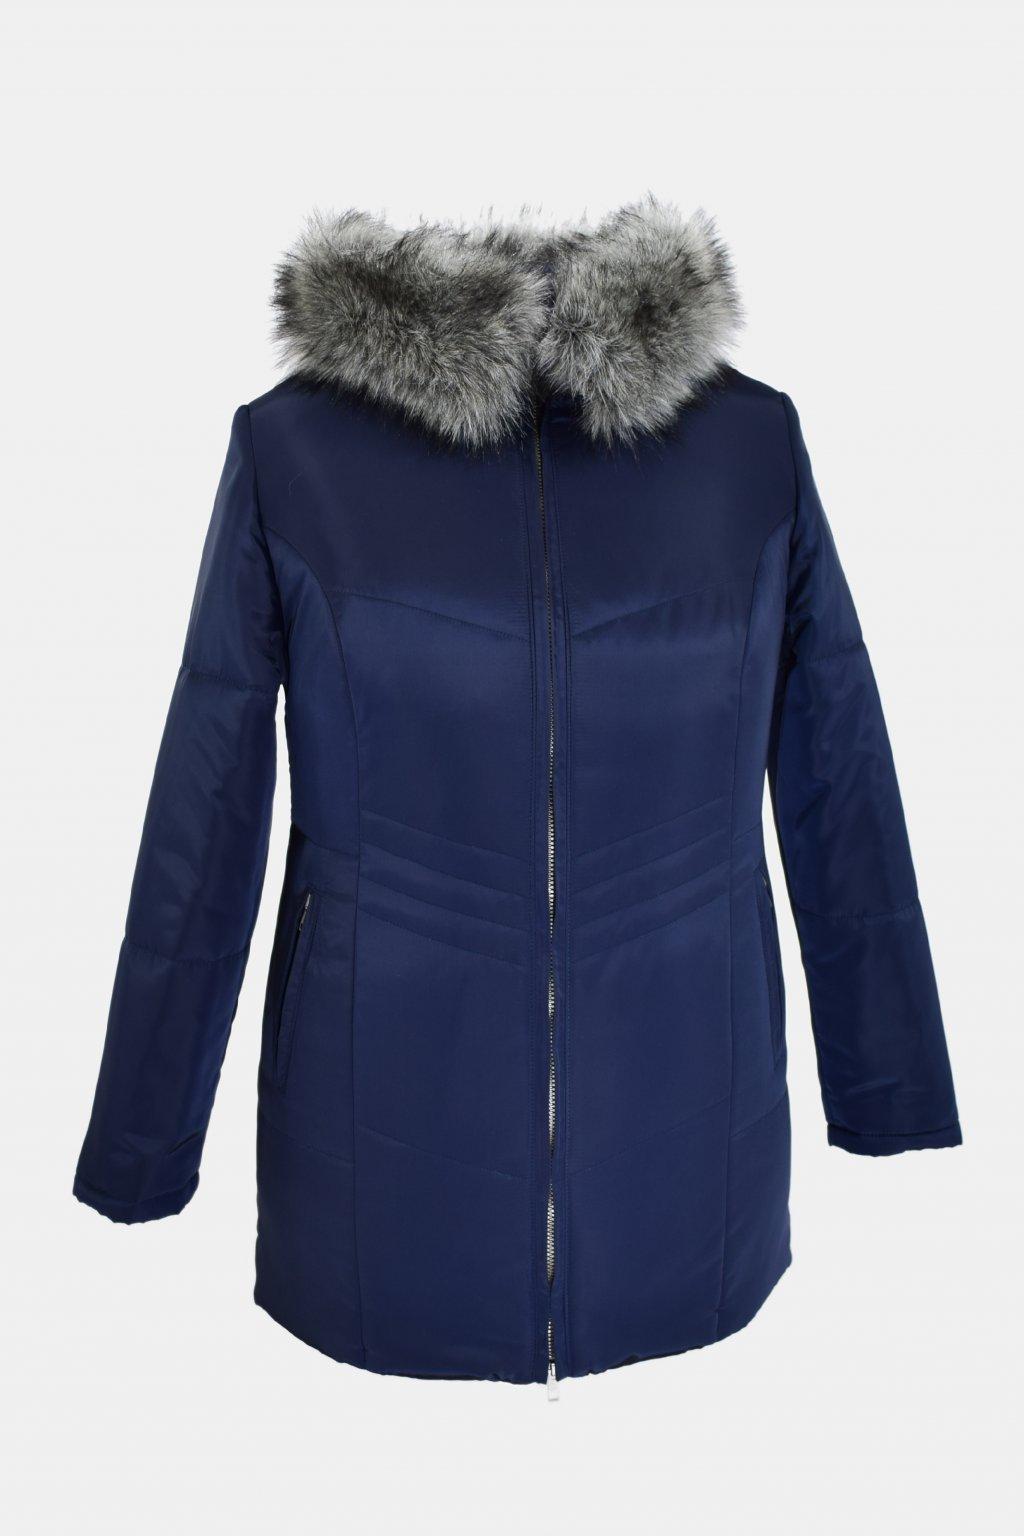 Dámská tmavě modrá zimní bunda Judita nadměrné velikosti